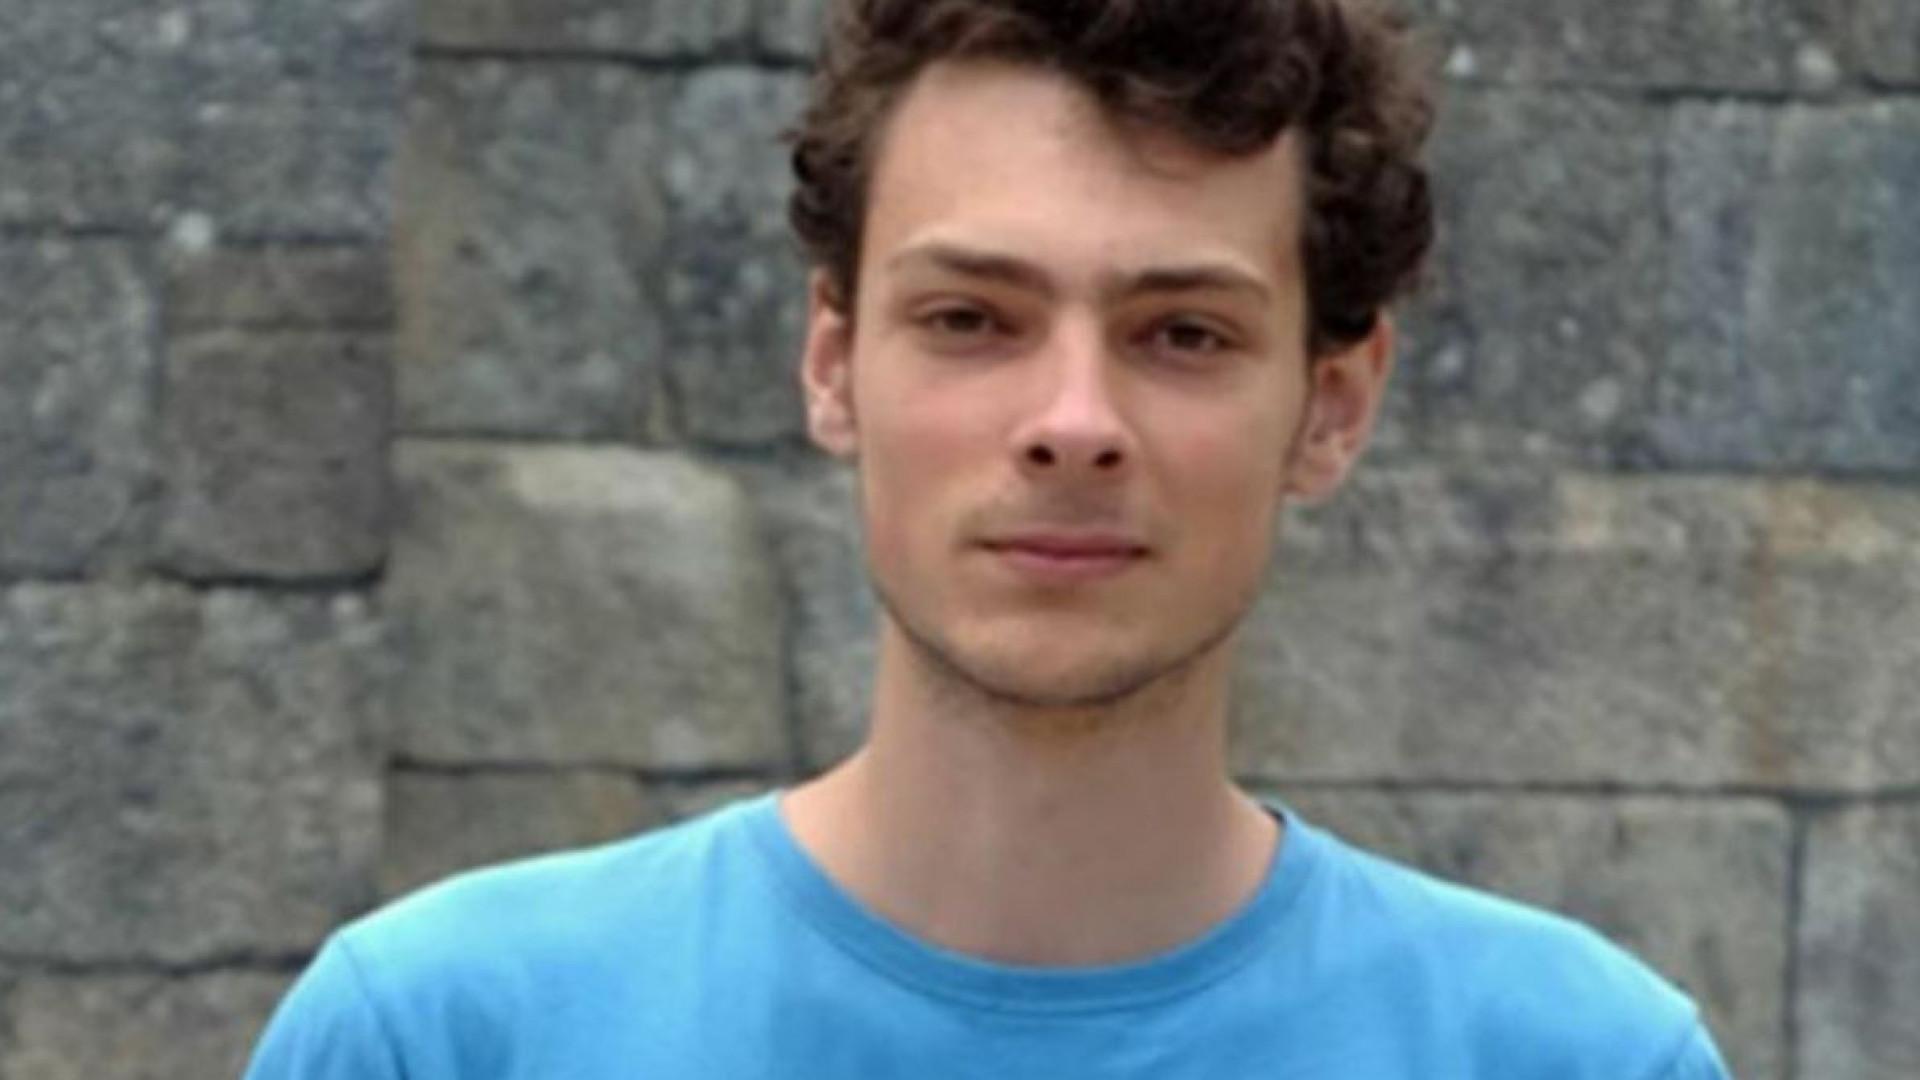 Jovem português desaparecido na Bélgica encontrado morto em floresta